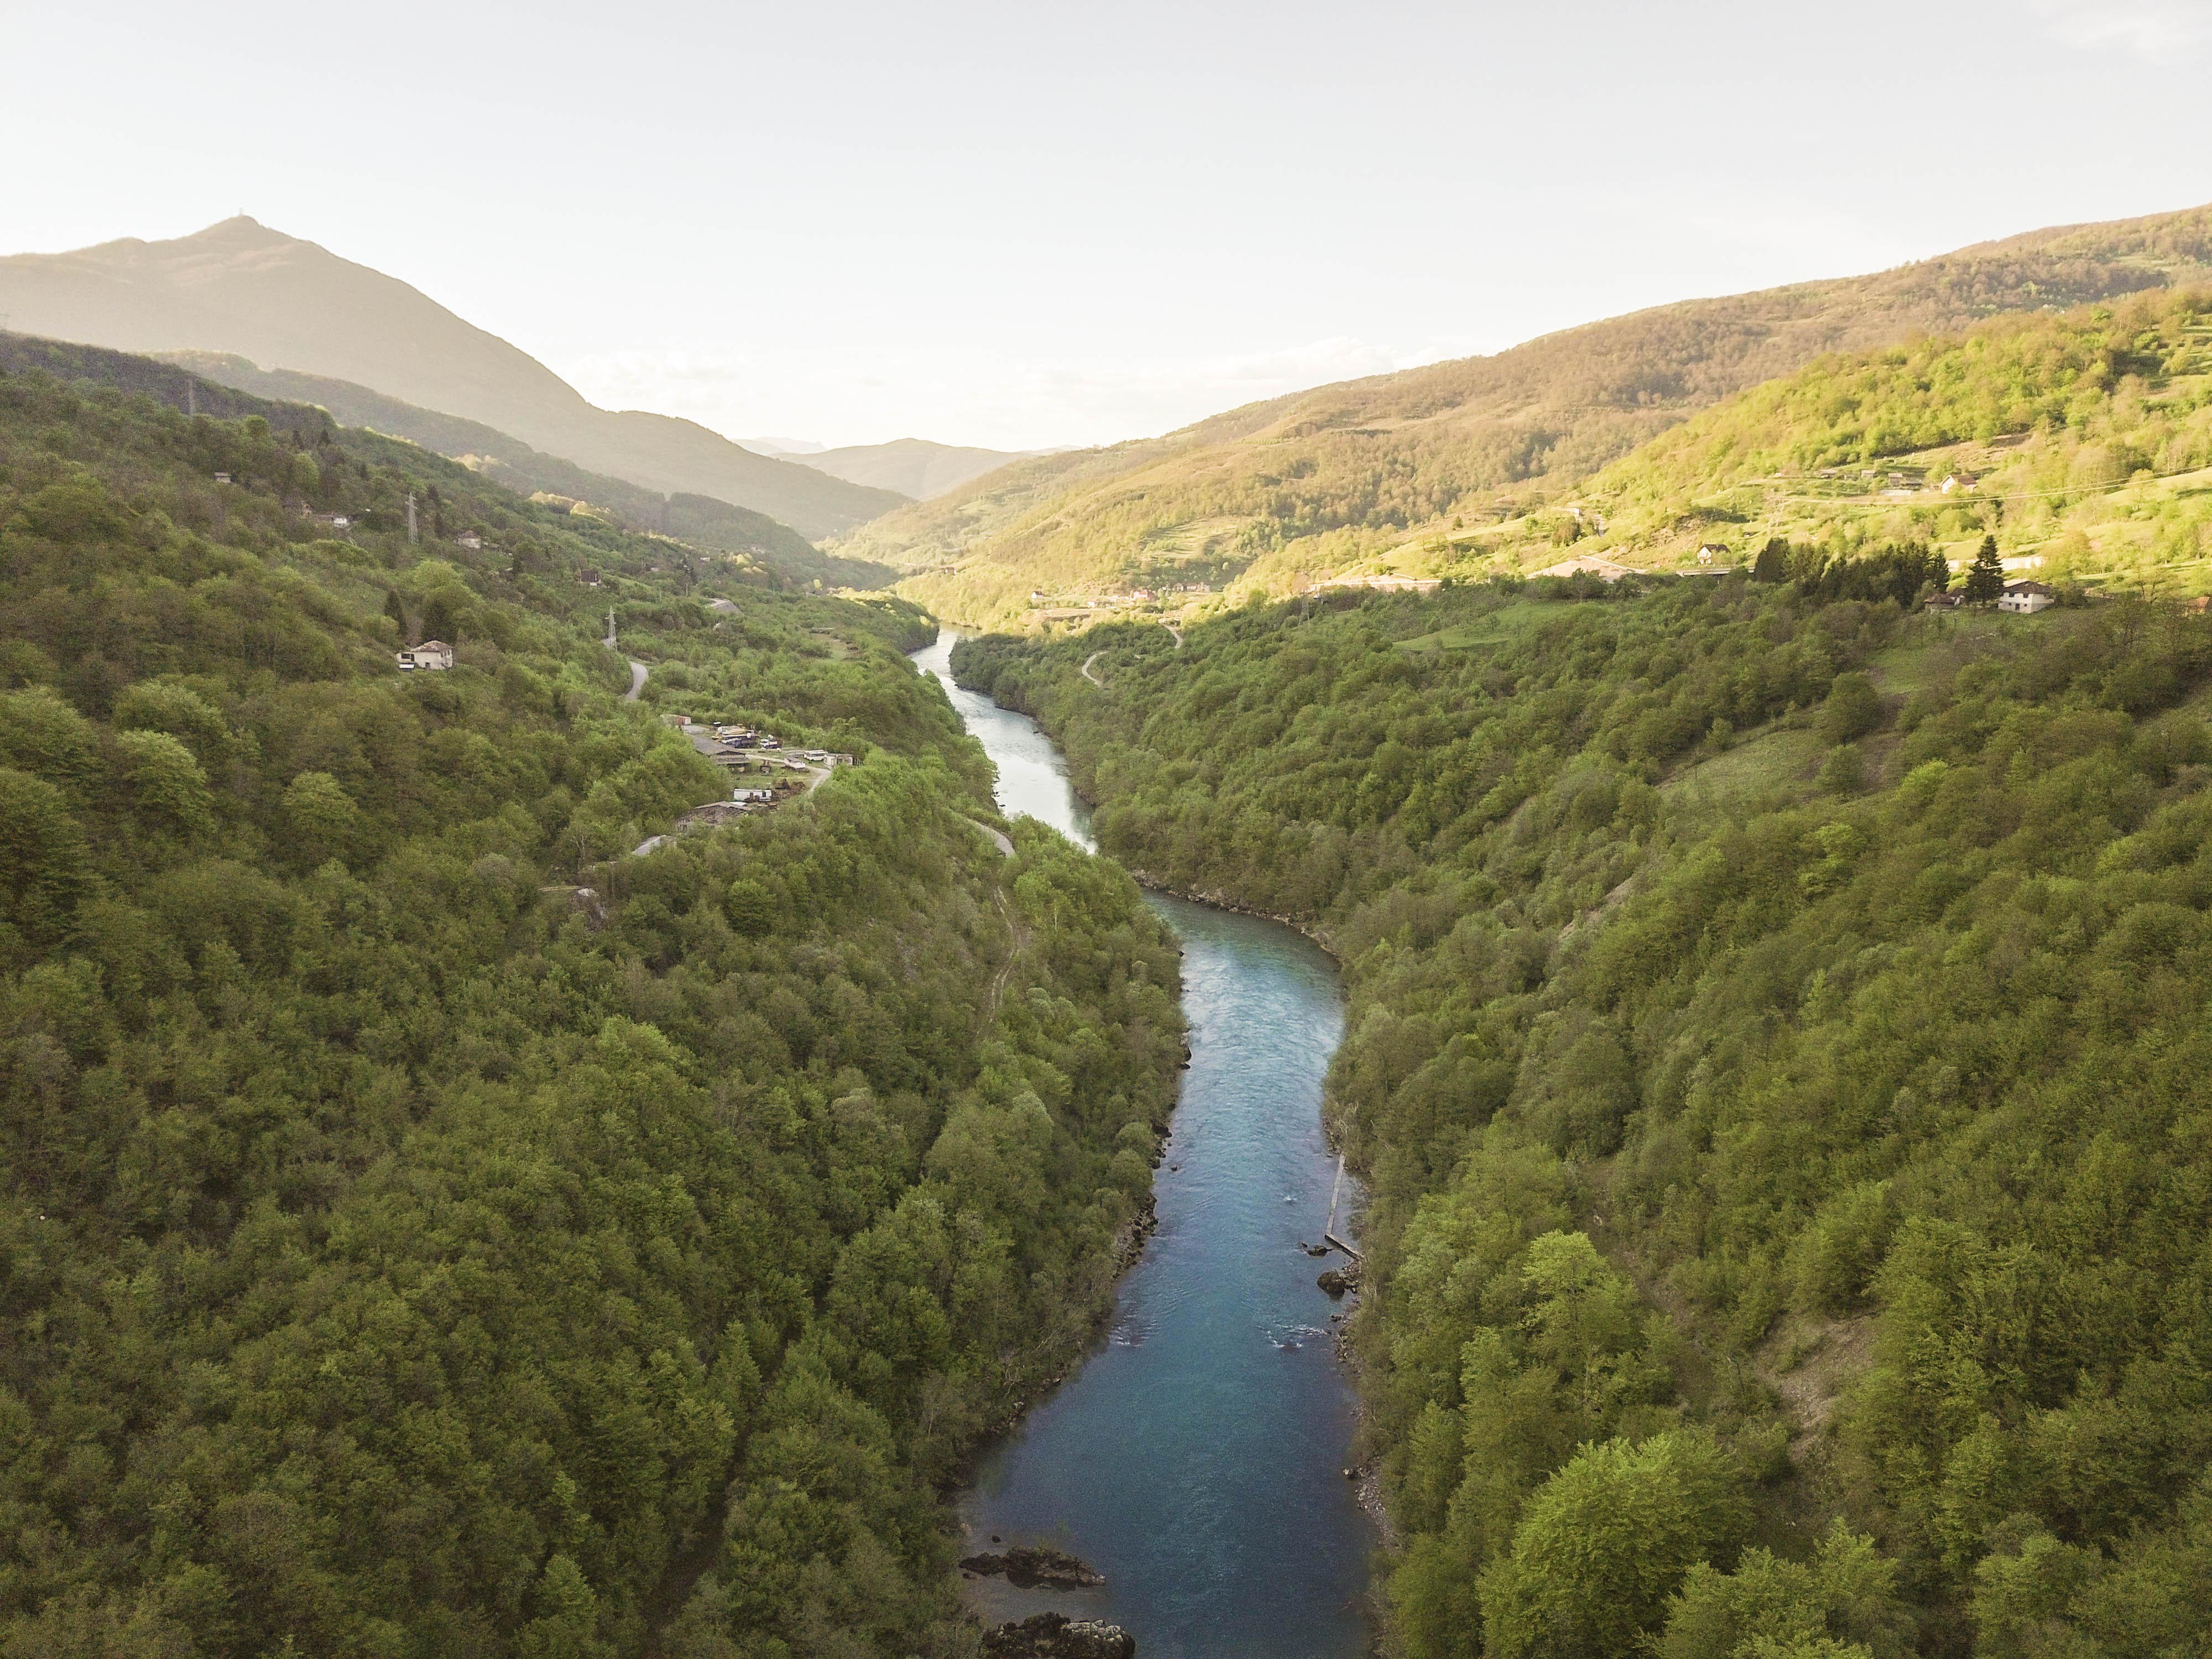 Die Drina ist die wichtigste Lebensader für die vom Aussterben bedrohten Huchen (Hucho hucho). Die Art ist besonders anfällig für Staudammbau © Matic Oblak